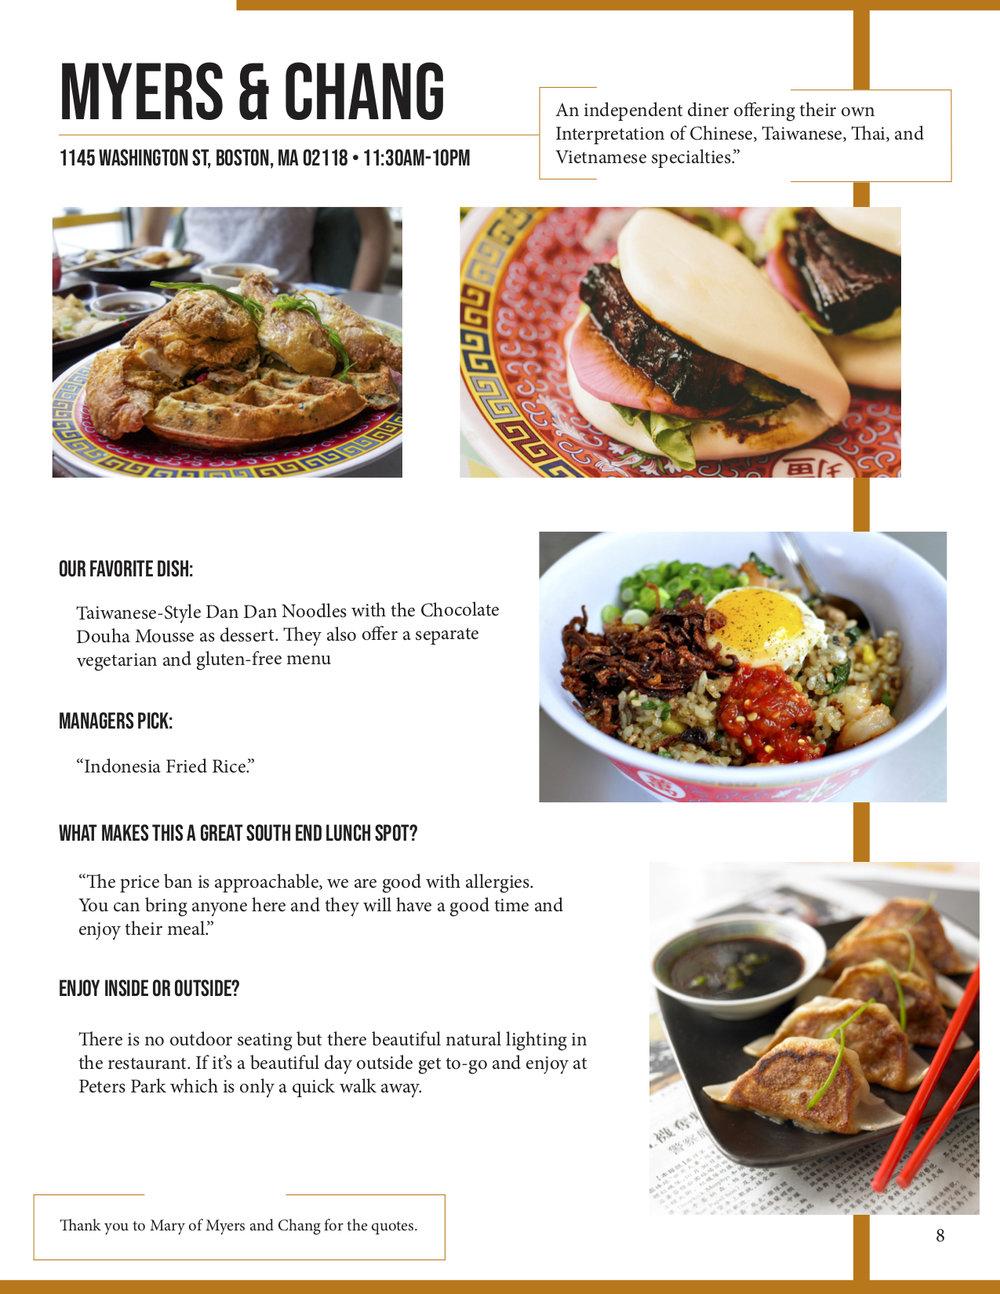 Best Lunch Spots_ South End 8.jpg